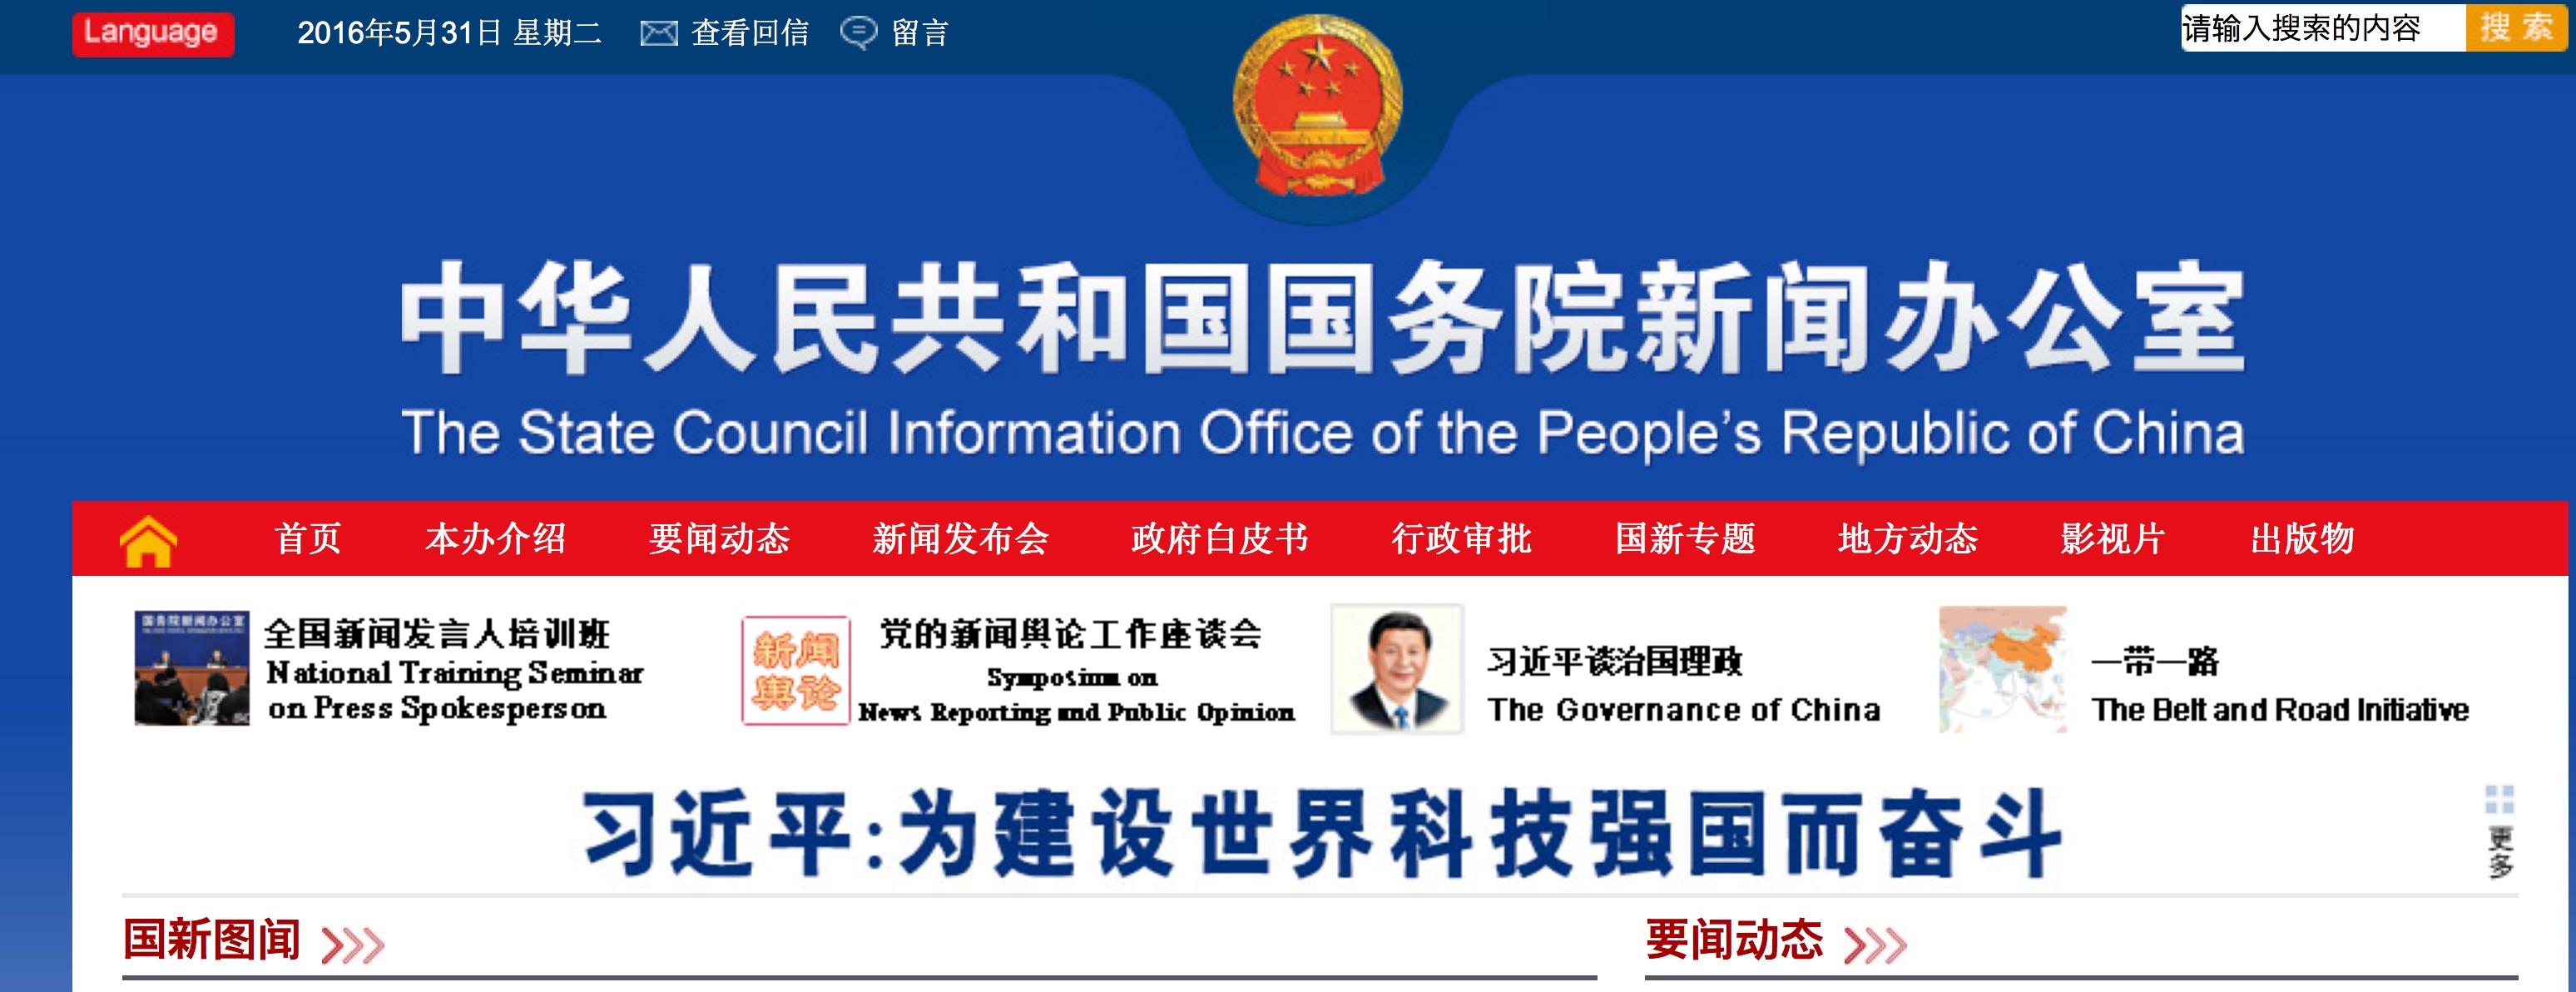 国新办主页